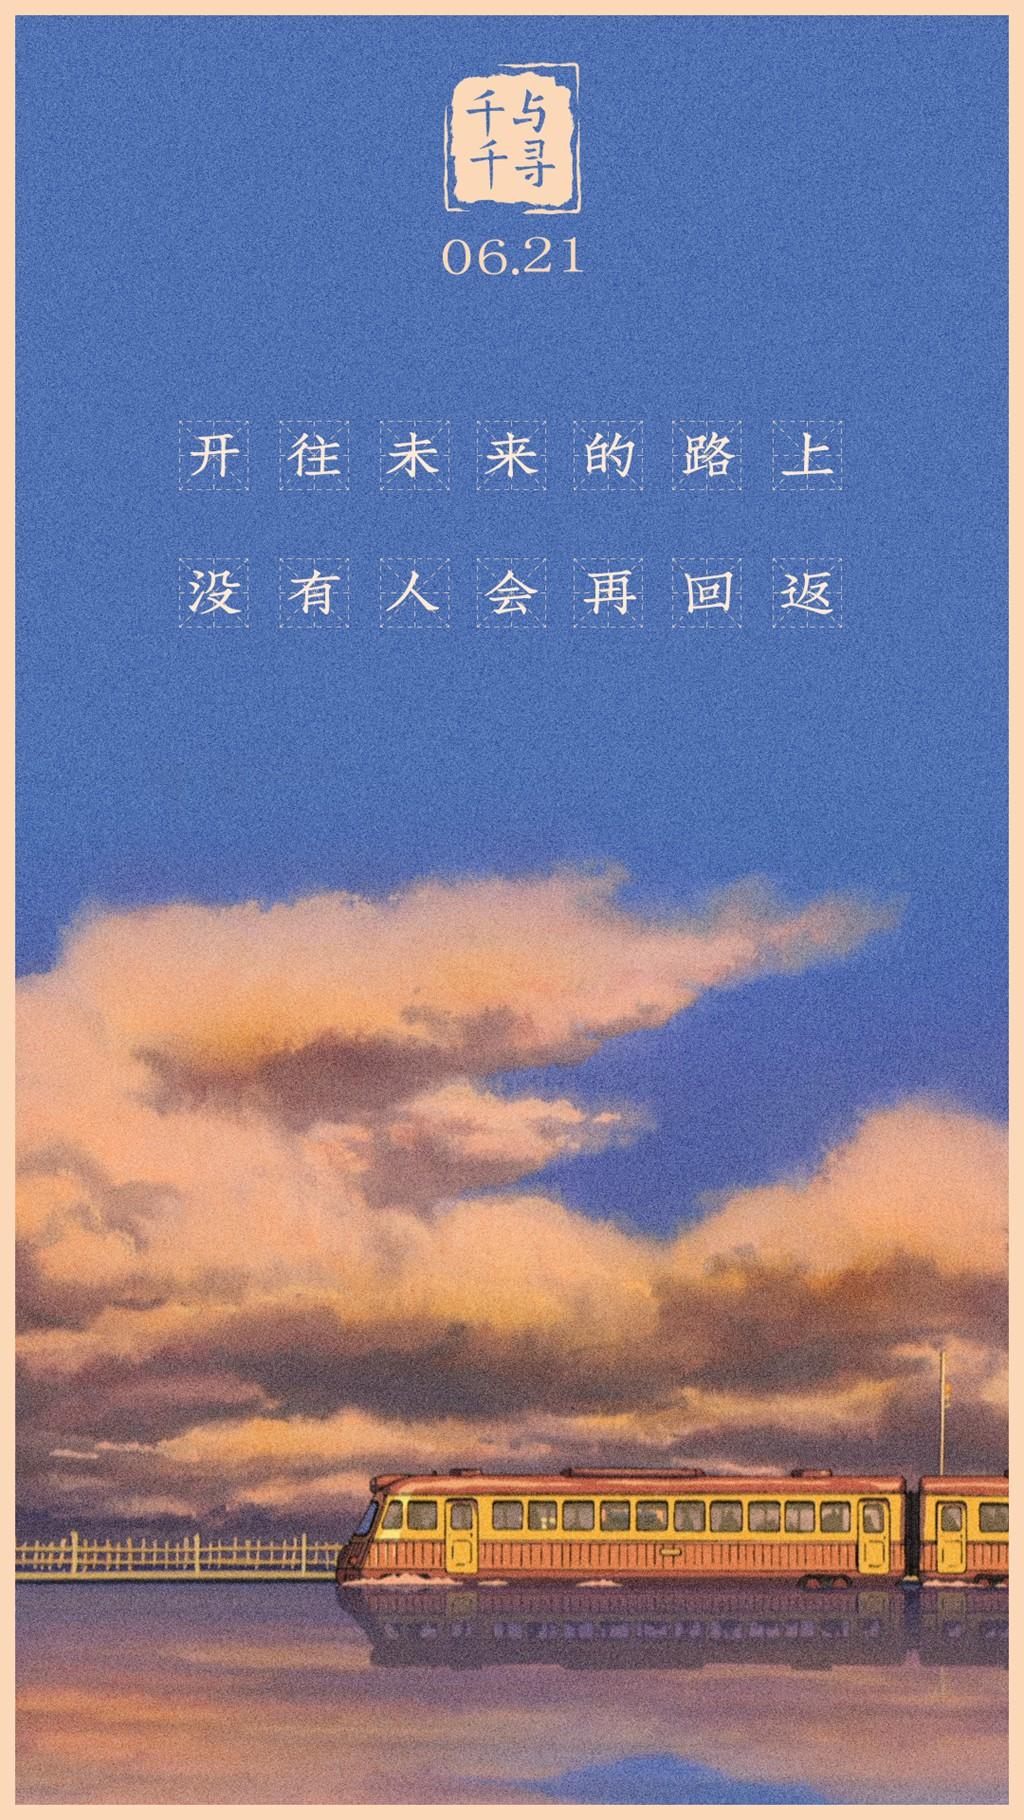 电影《千与千寻》深受家长欢迎 周深翻唱听哭网友